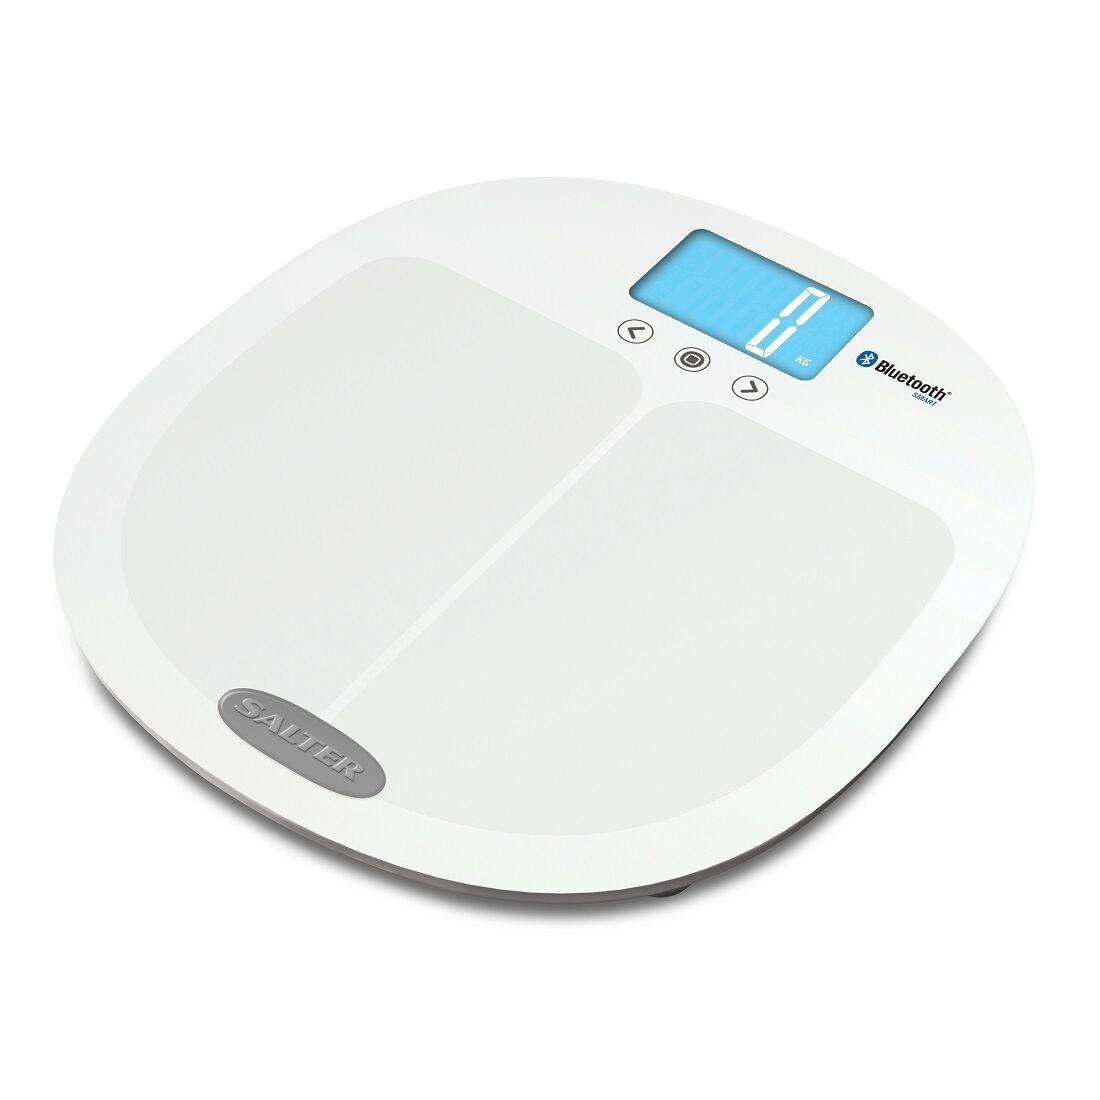 Salter Curve bleutooth Smart Analyseur électronique numérique salle de bains échelles Blanc